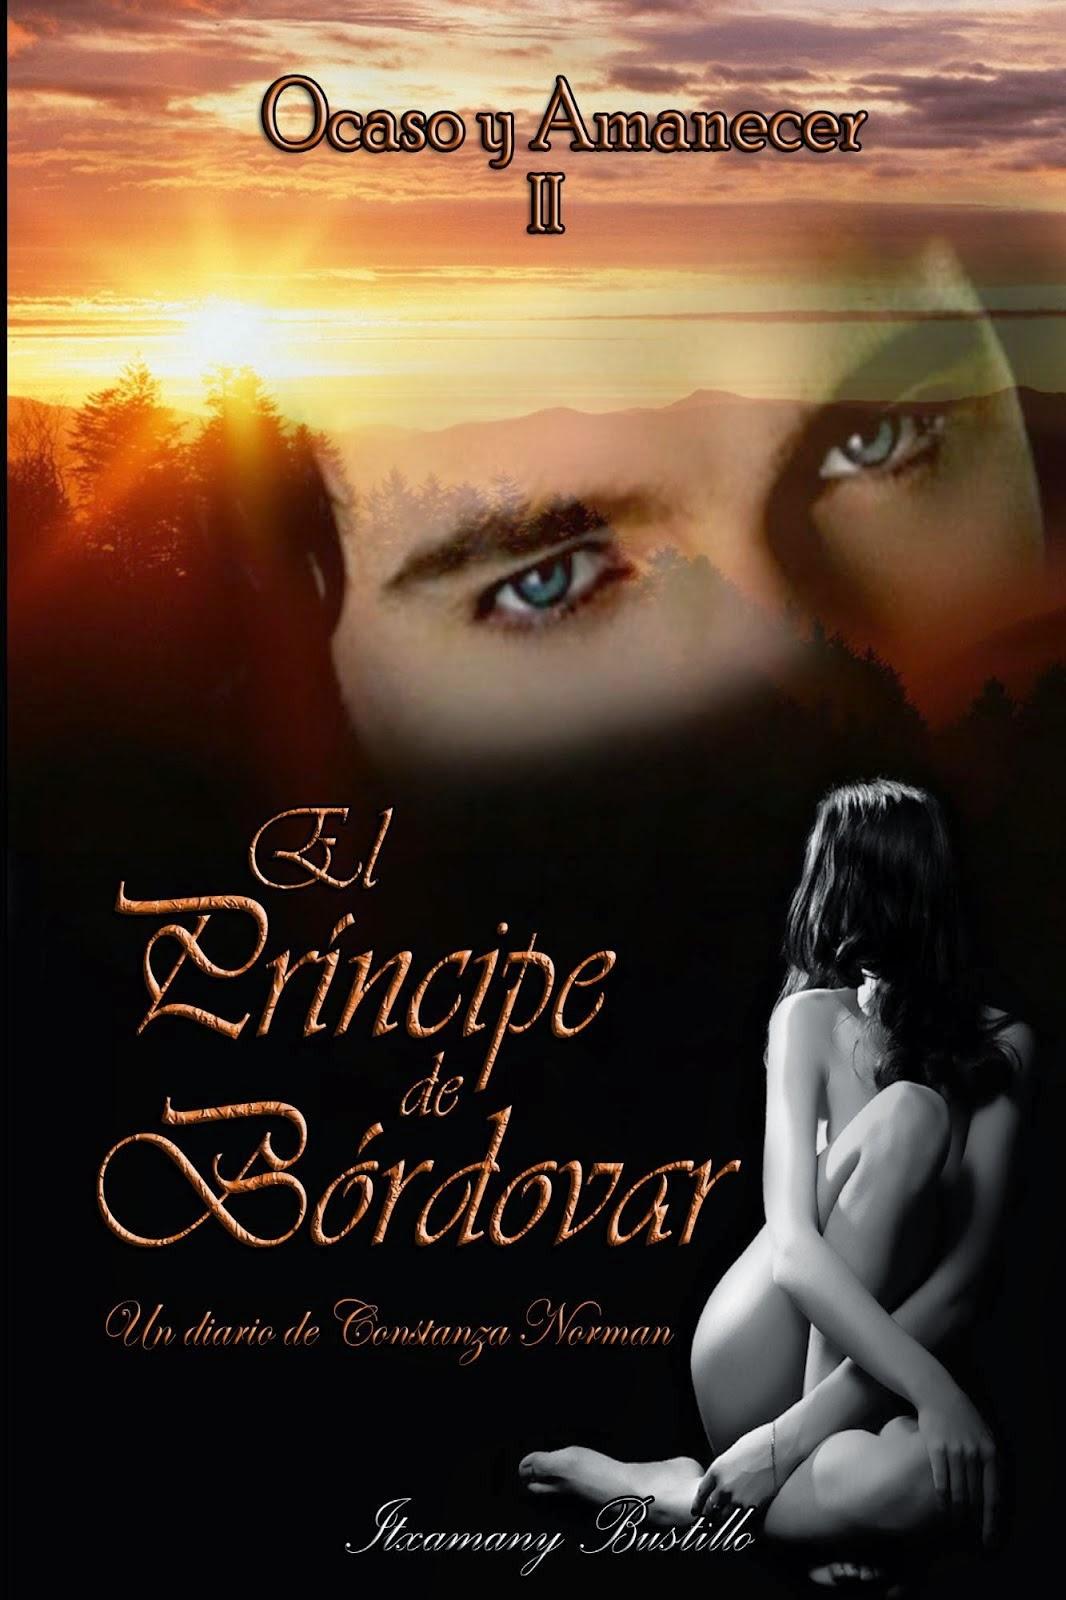 El Príncipe de Bórdovar (segunda parte)